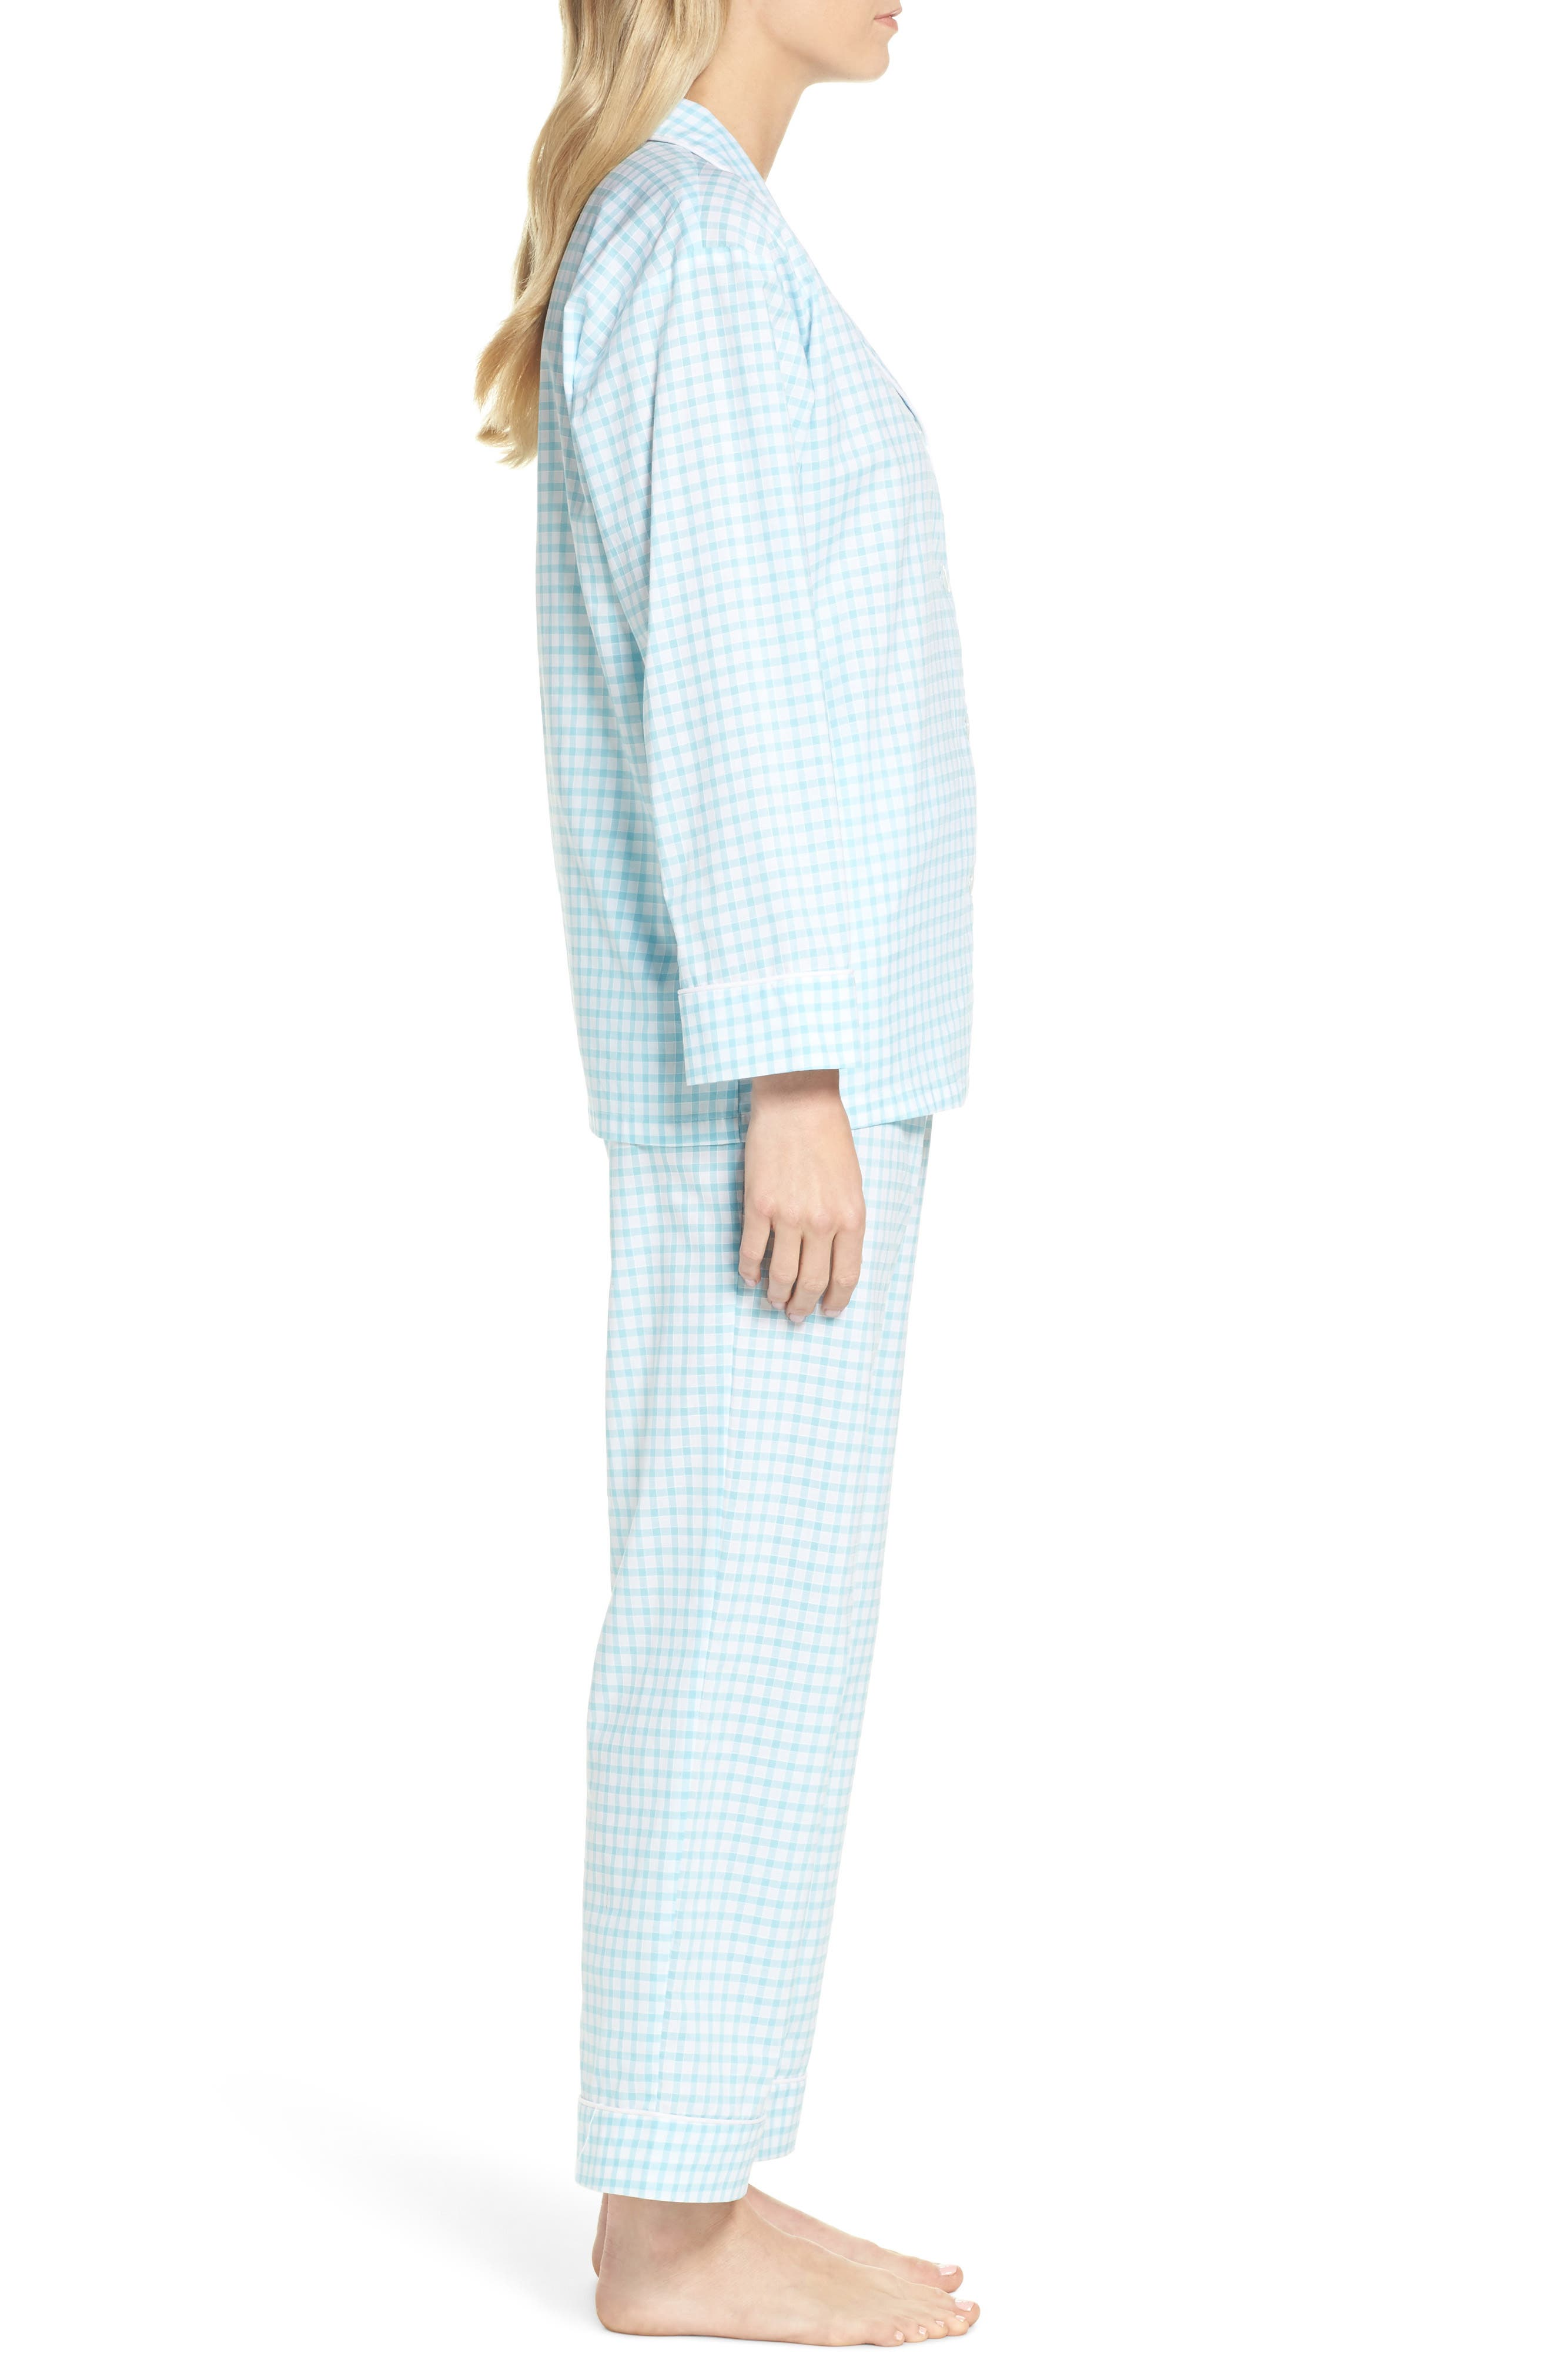 Gingham Pajamas,                             Alternate thumbnail 3, color,                             Aqua Gingham